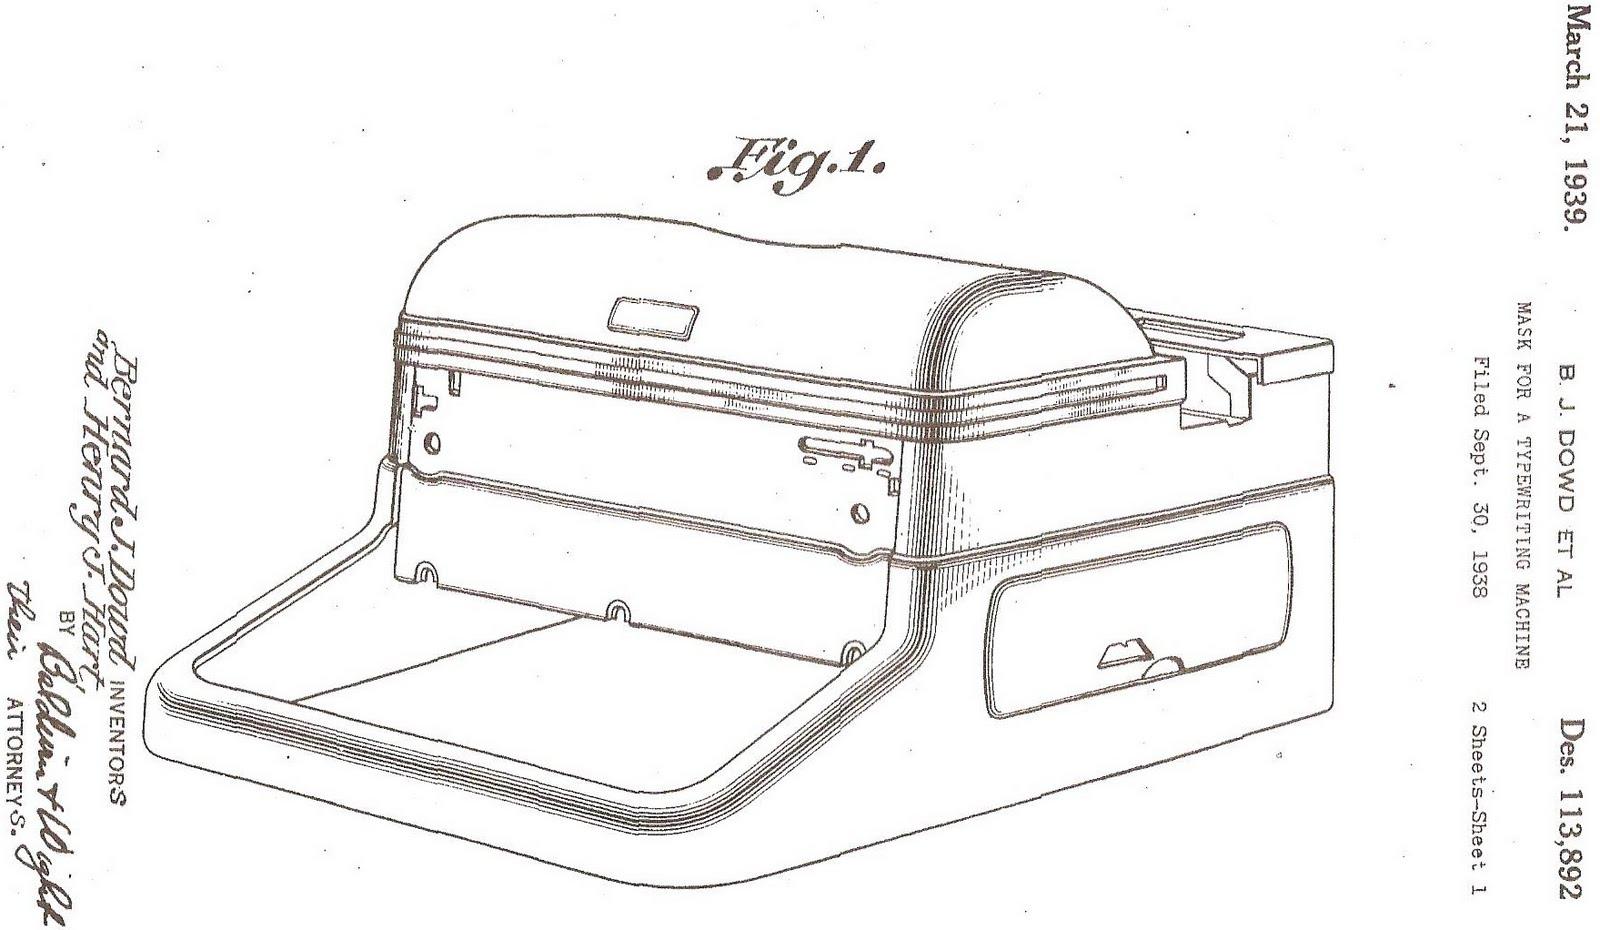 oz.Typewriter: August 2011